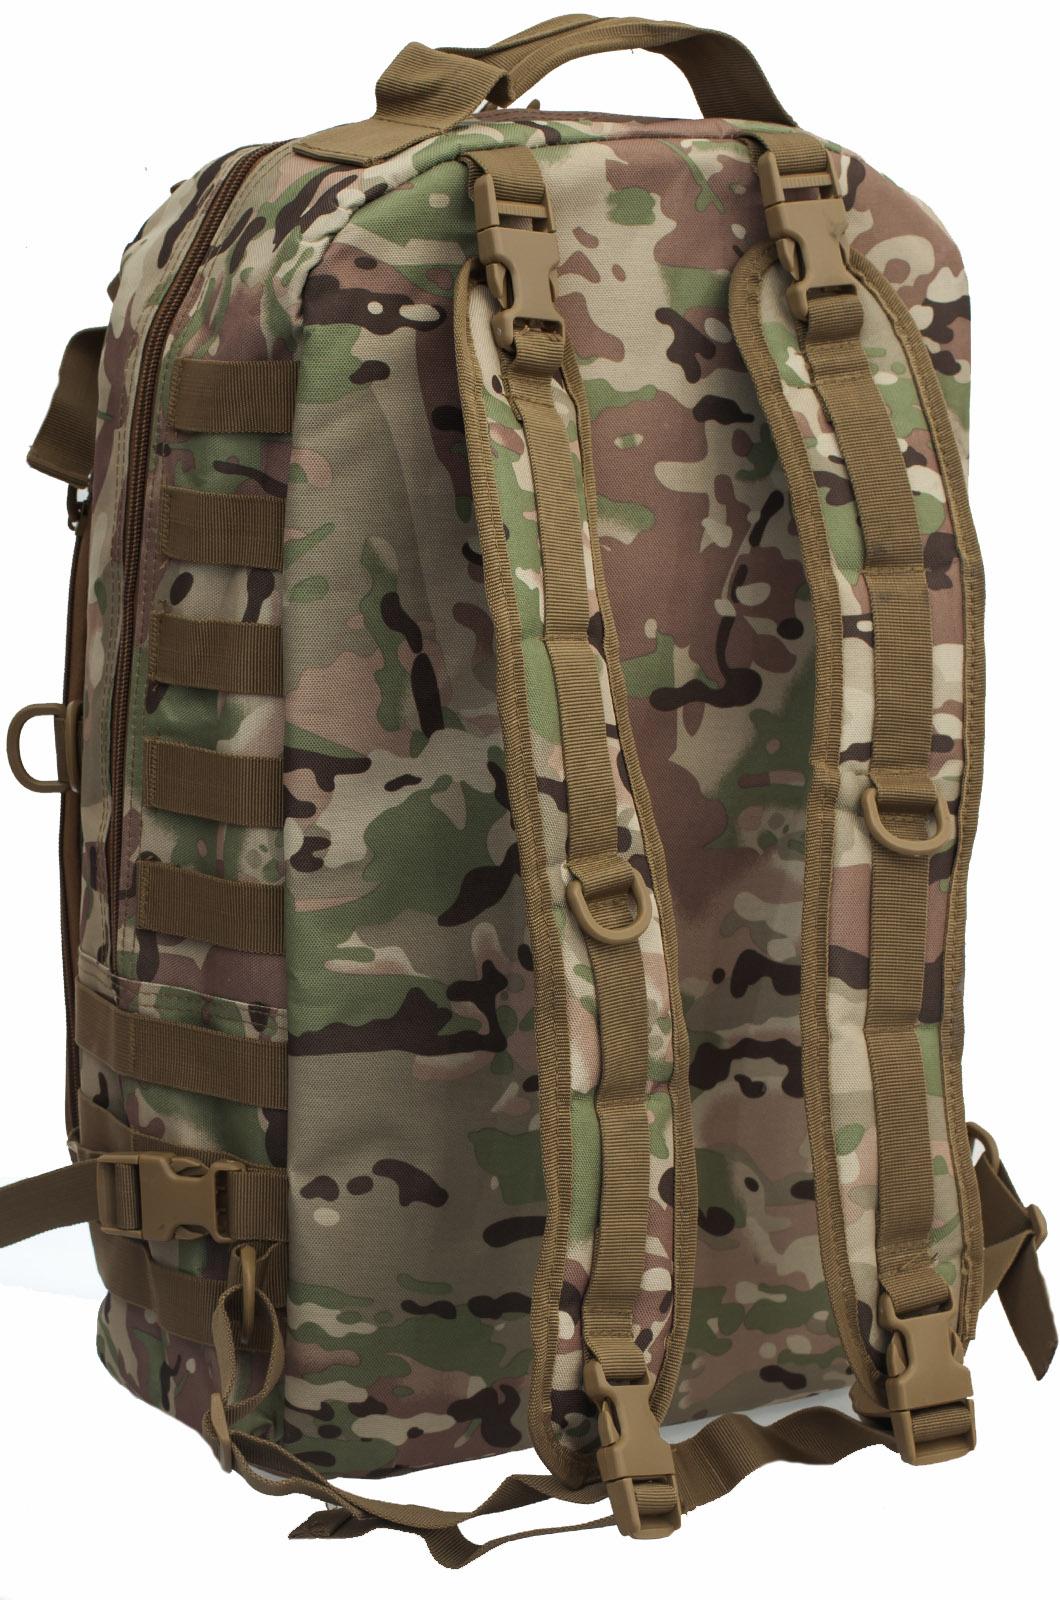 Камуфляжный тактический рюкзак с нашивкой Герб России - заказать в Военпро